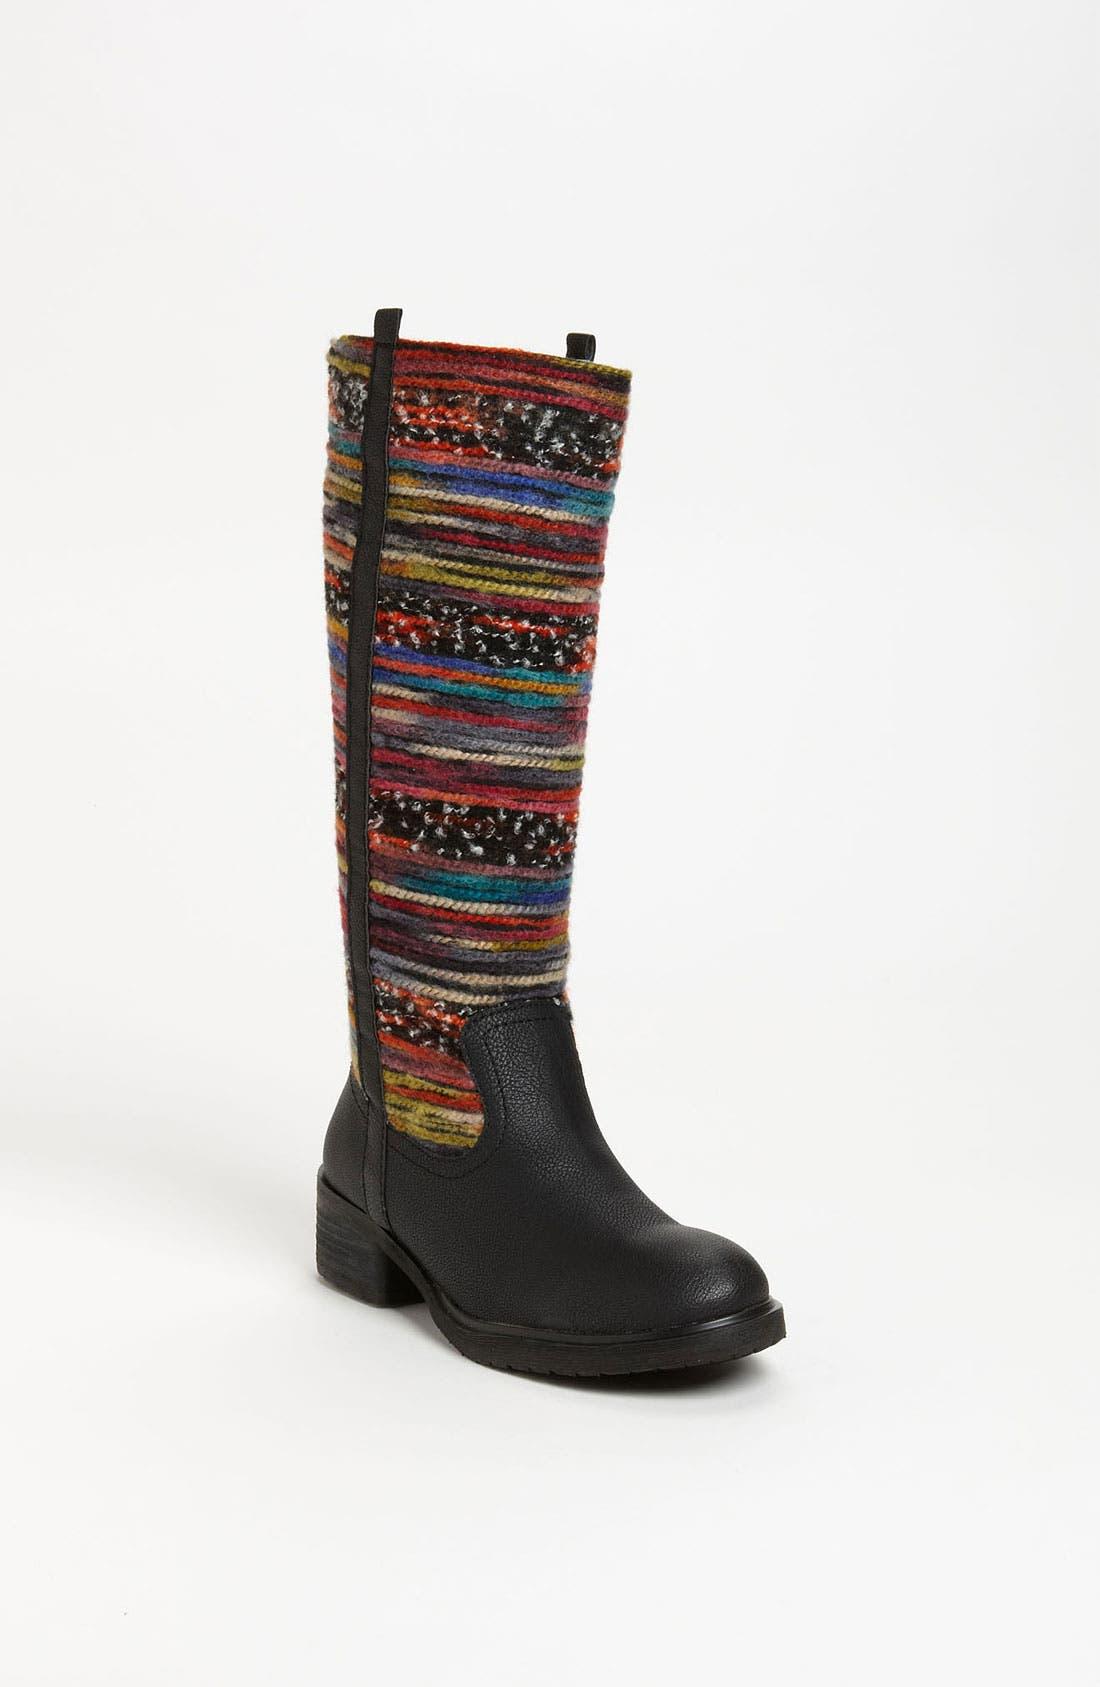 Alternate Image 1 Selected - Sbicca 'El Dorado' Boot